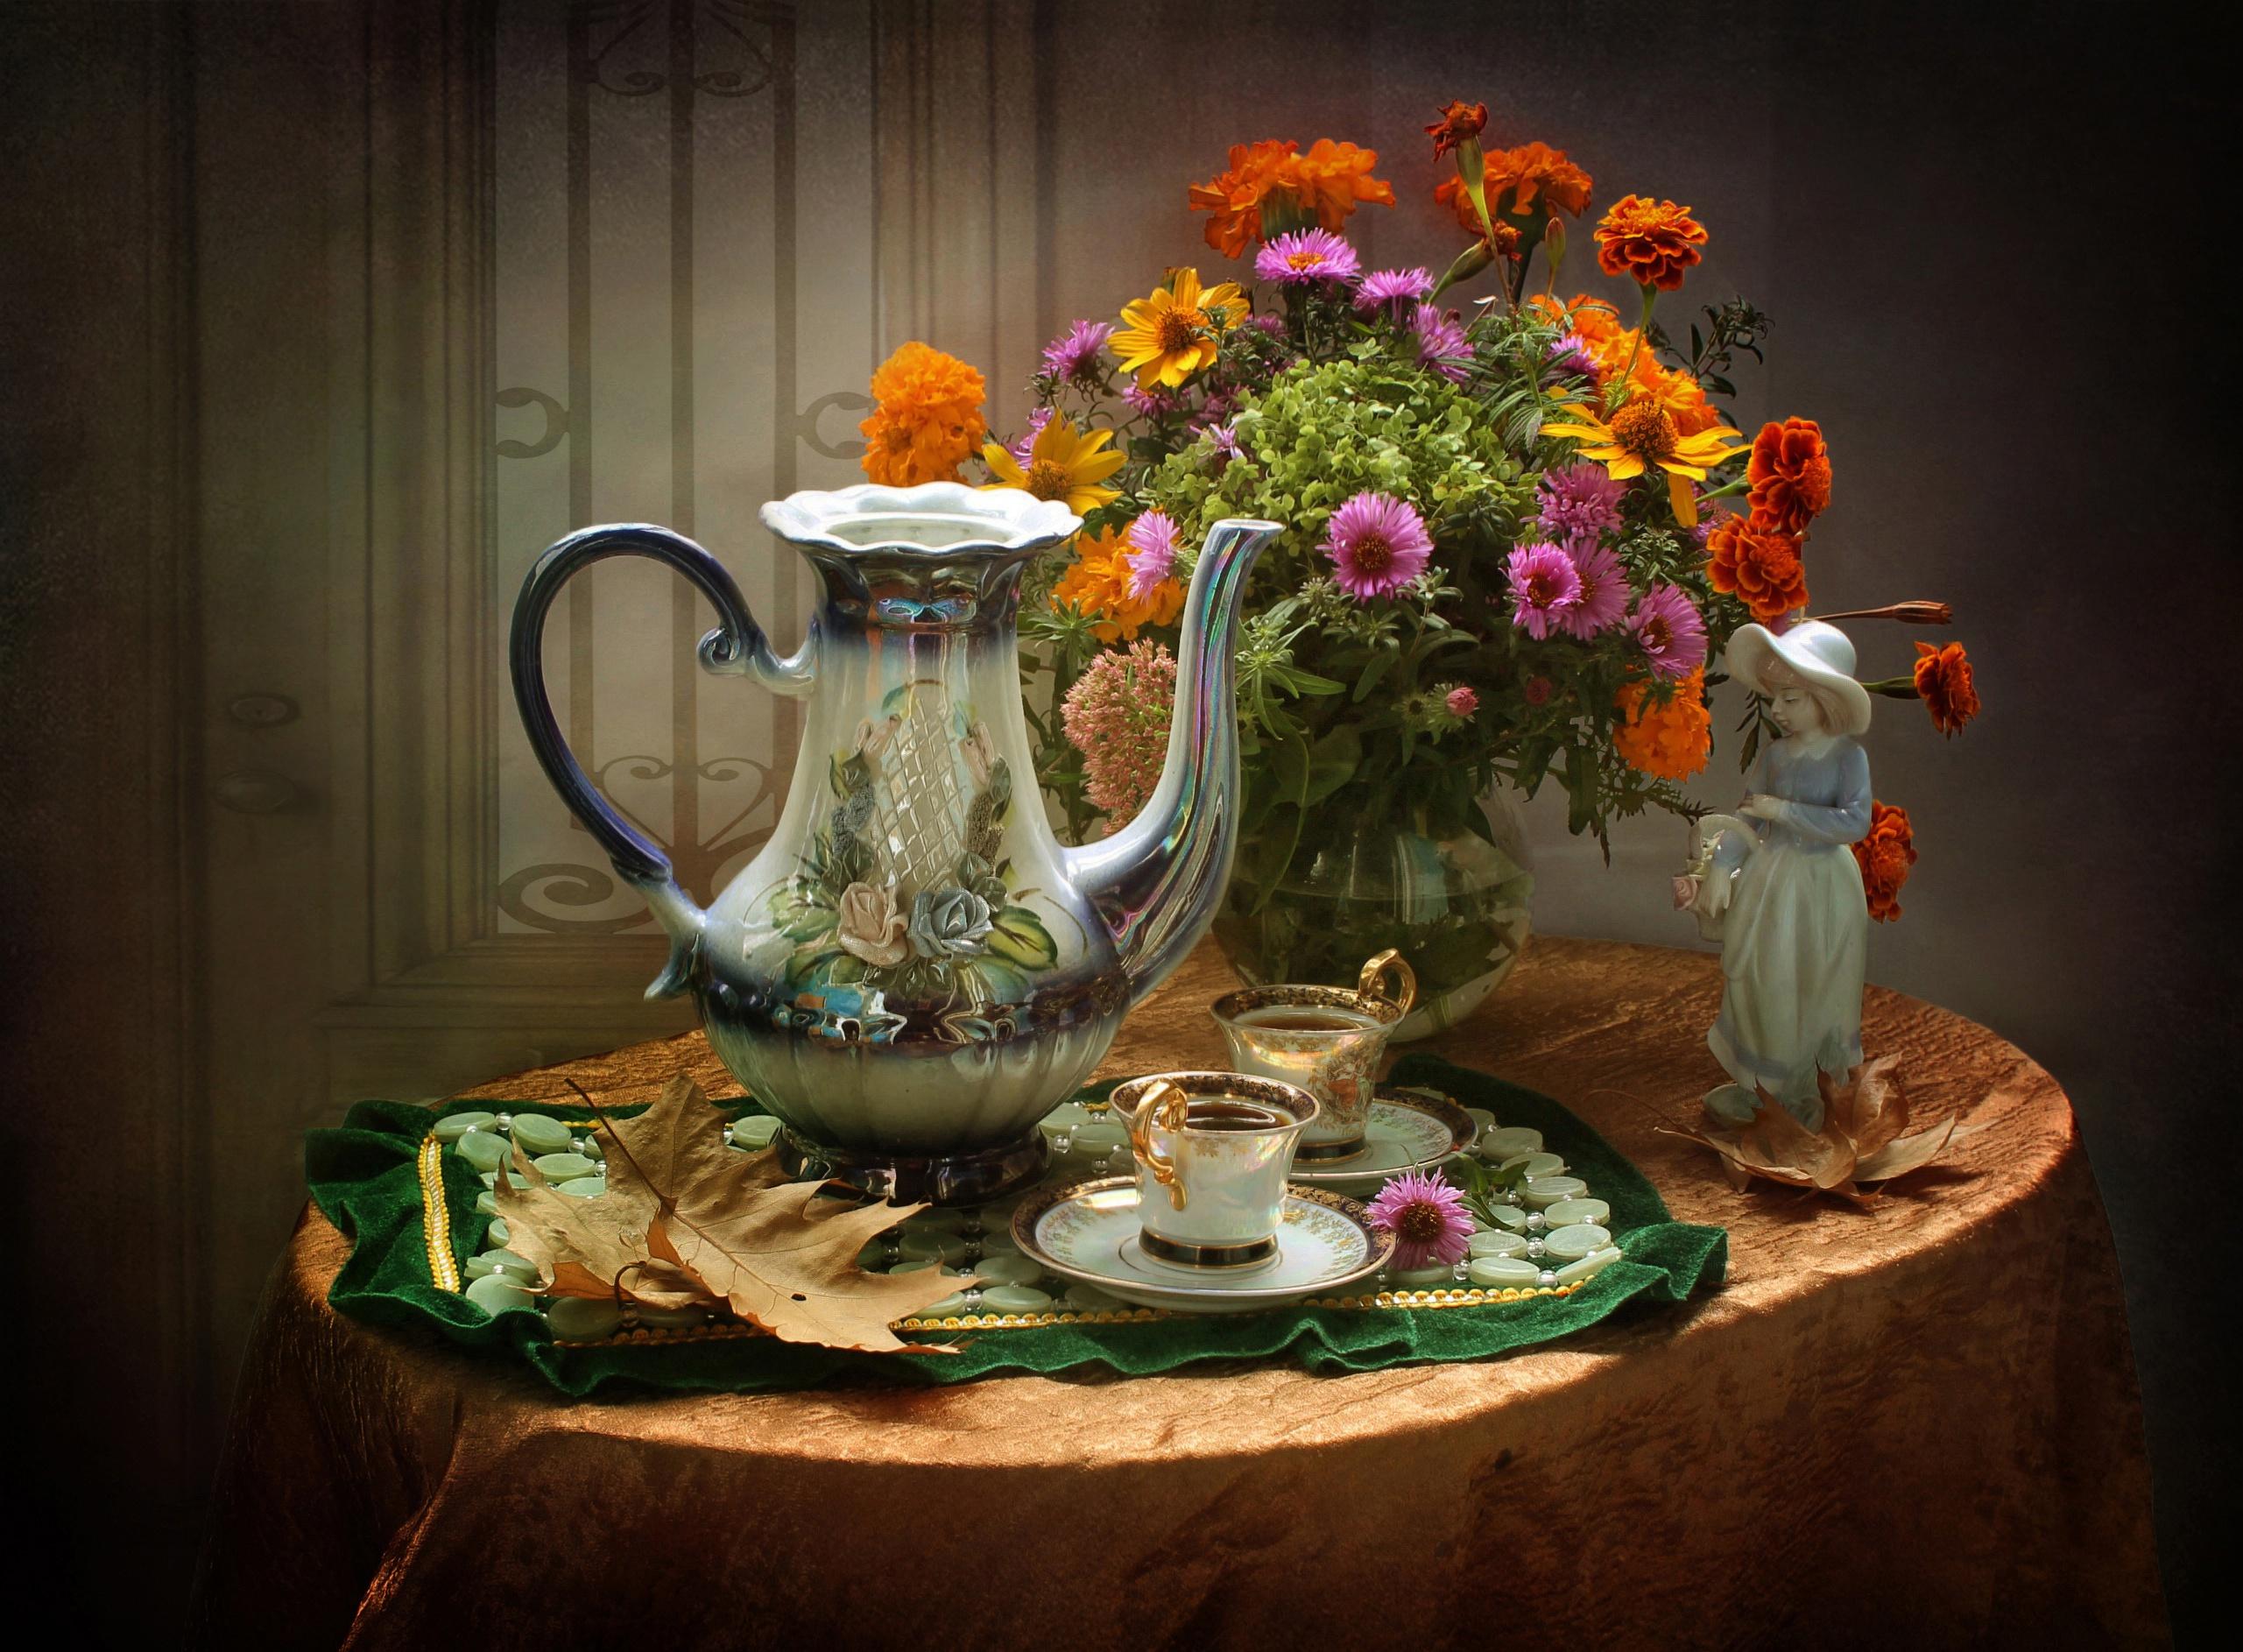 красивые фото чайных натюрмортов можно качестве